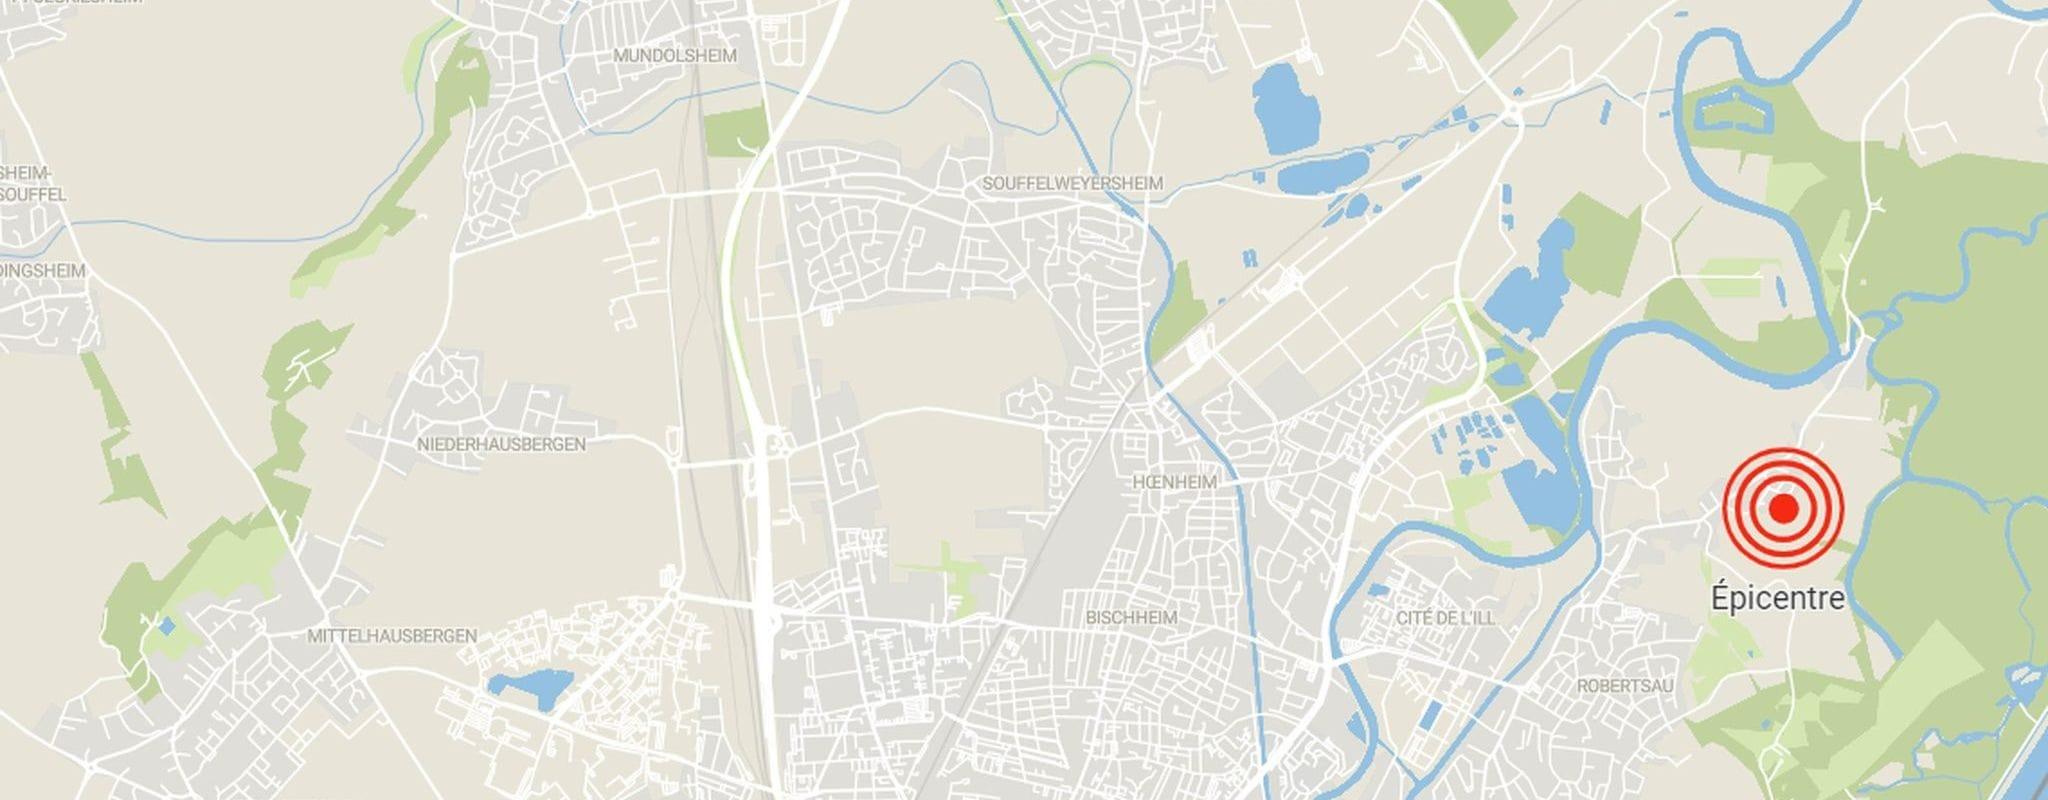 Un séisme secoue Strasbourg, Fonroche dément en être à l'origine